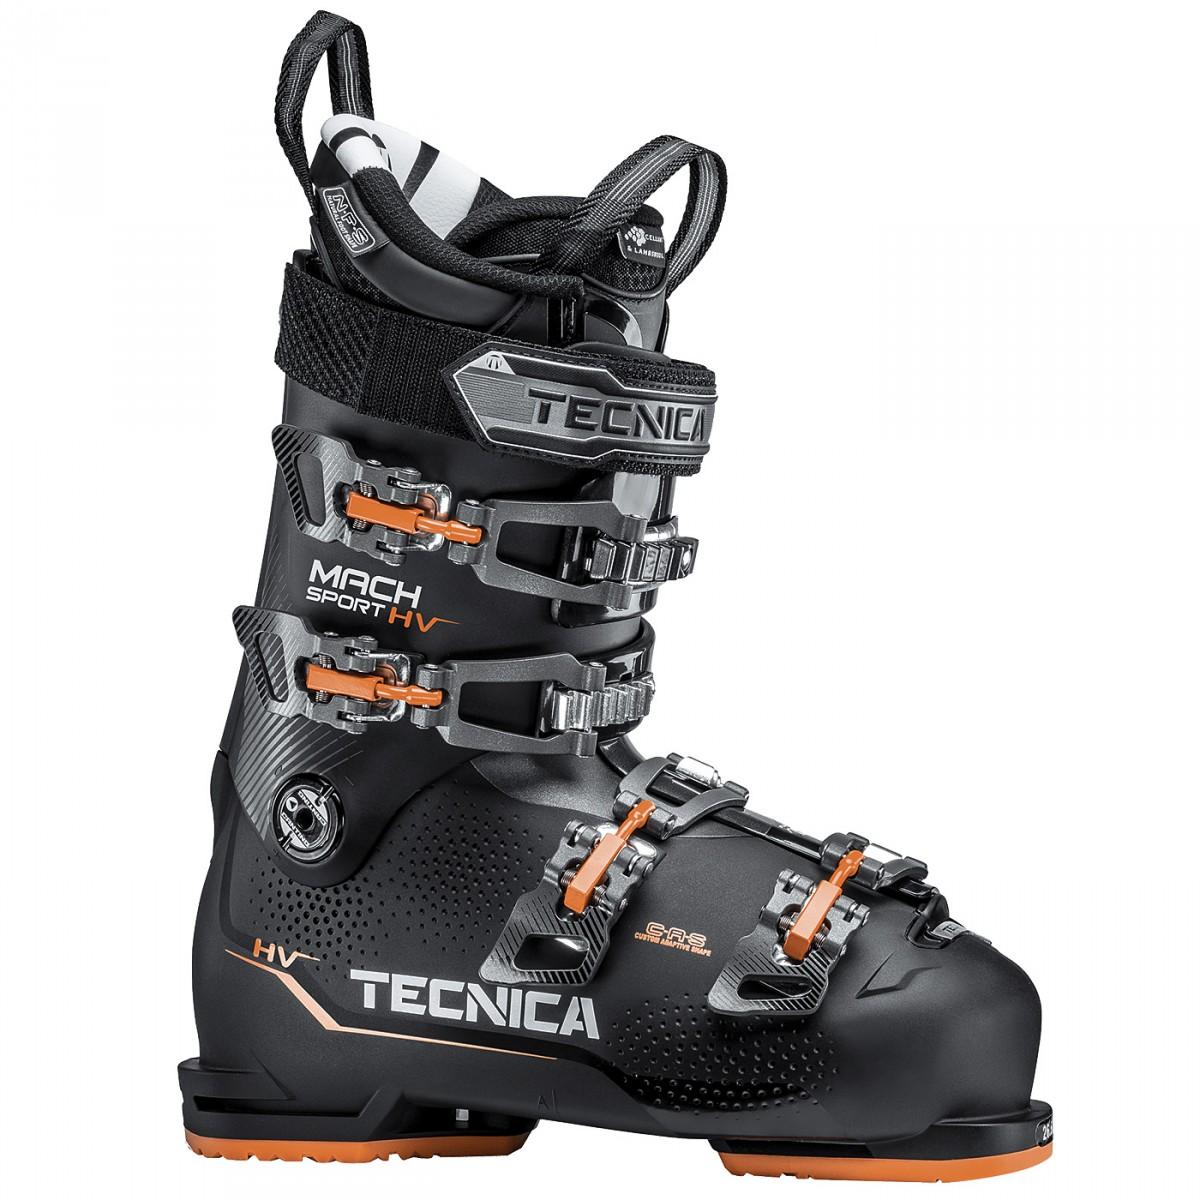 Scarponi sci Tecnica Mach Sport Hv 100 (Colore: nero-arancio, Taglia: 28.5)